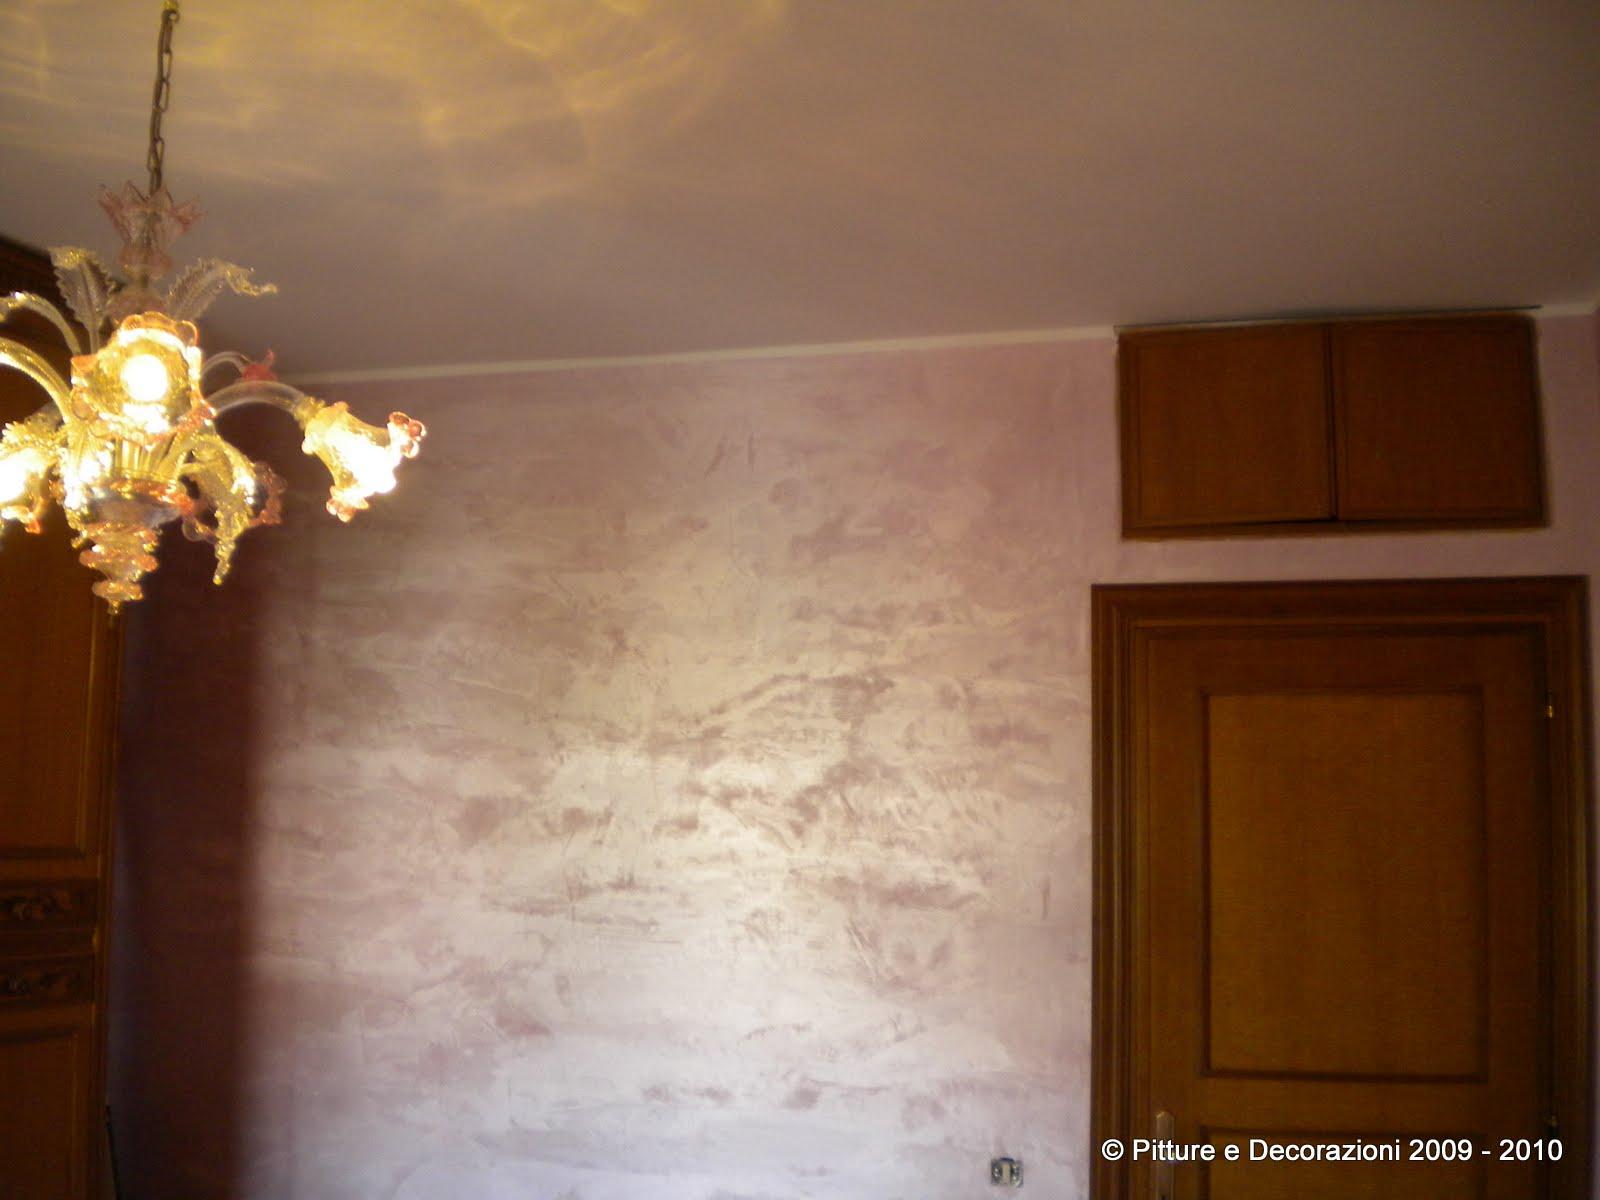 Pitture decorazioni decorazione con oikos ottocento - Decorazione per pareti ...